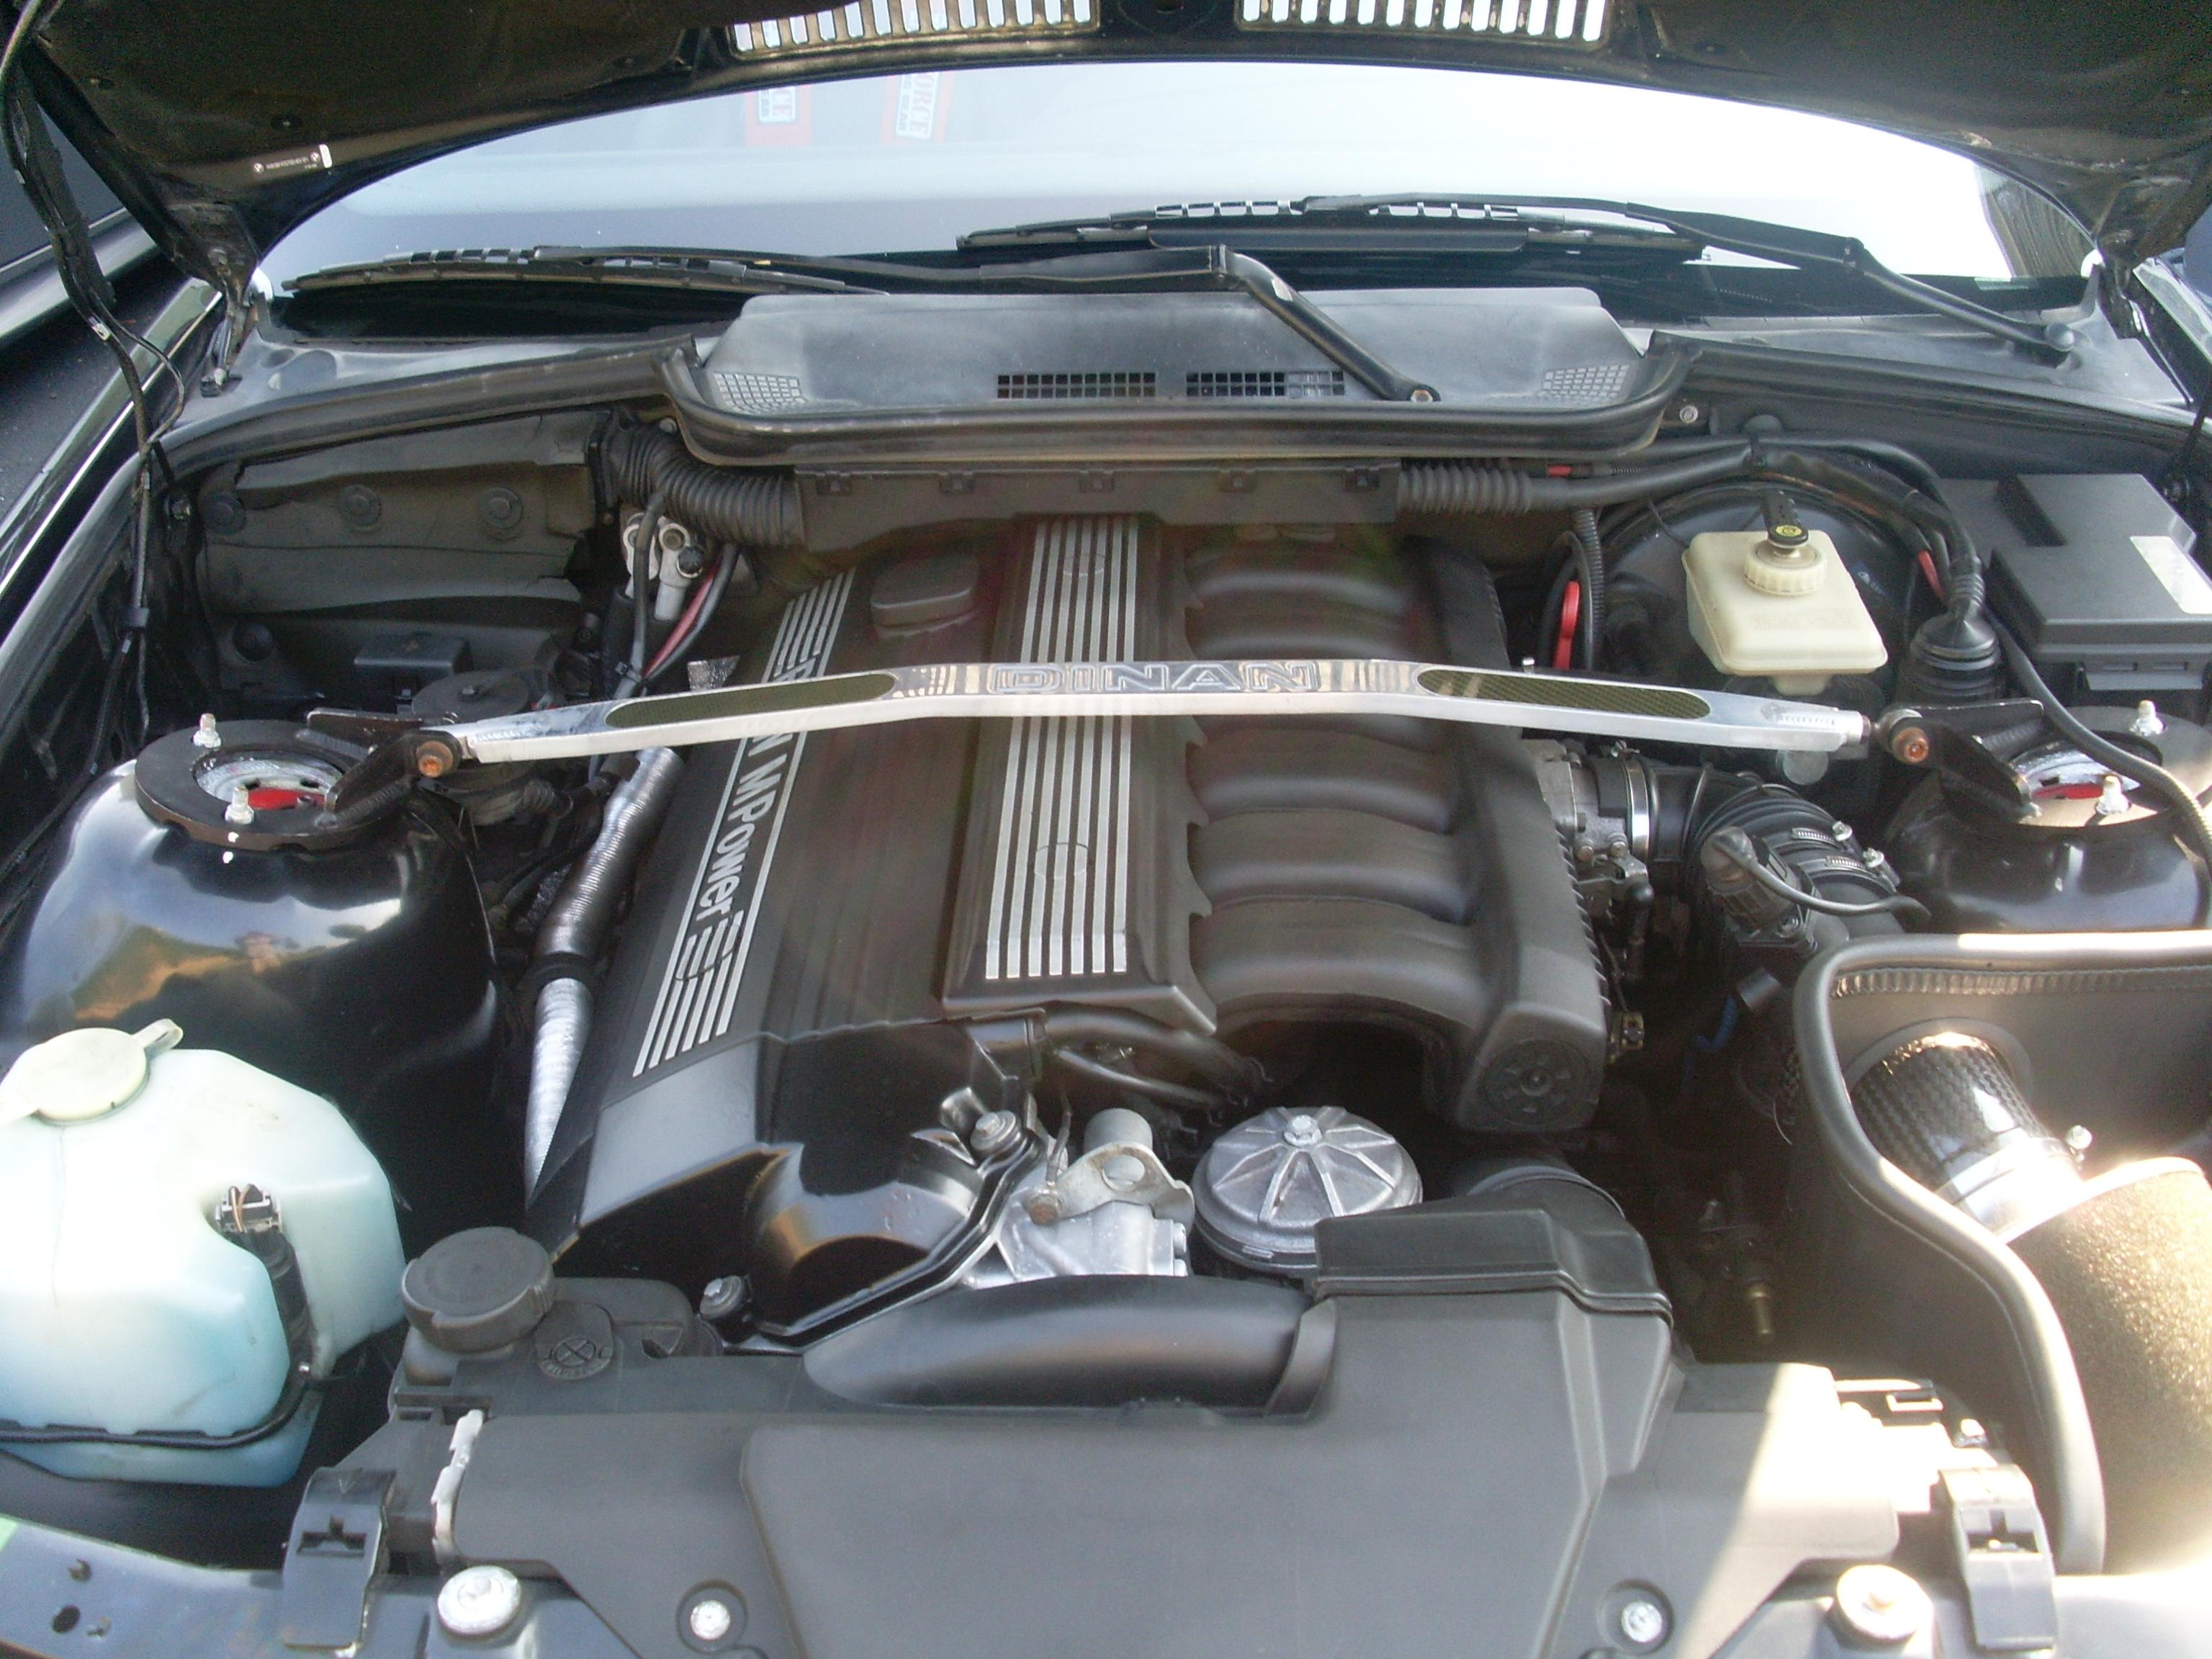 MY95 E36 M3 Track/Street Car-e36-m3-009.jpg